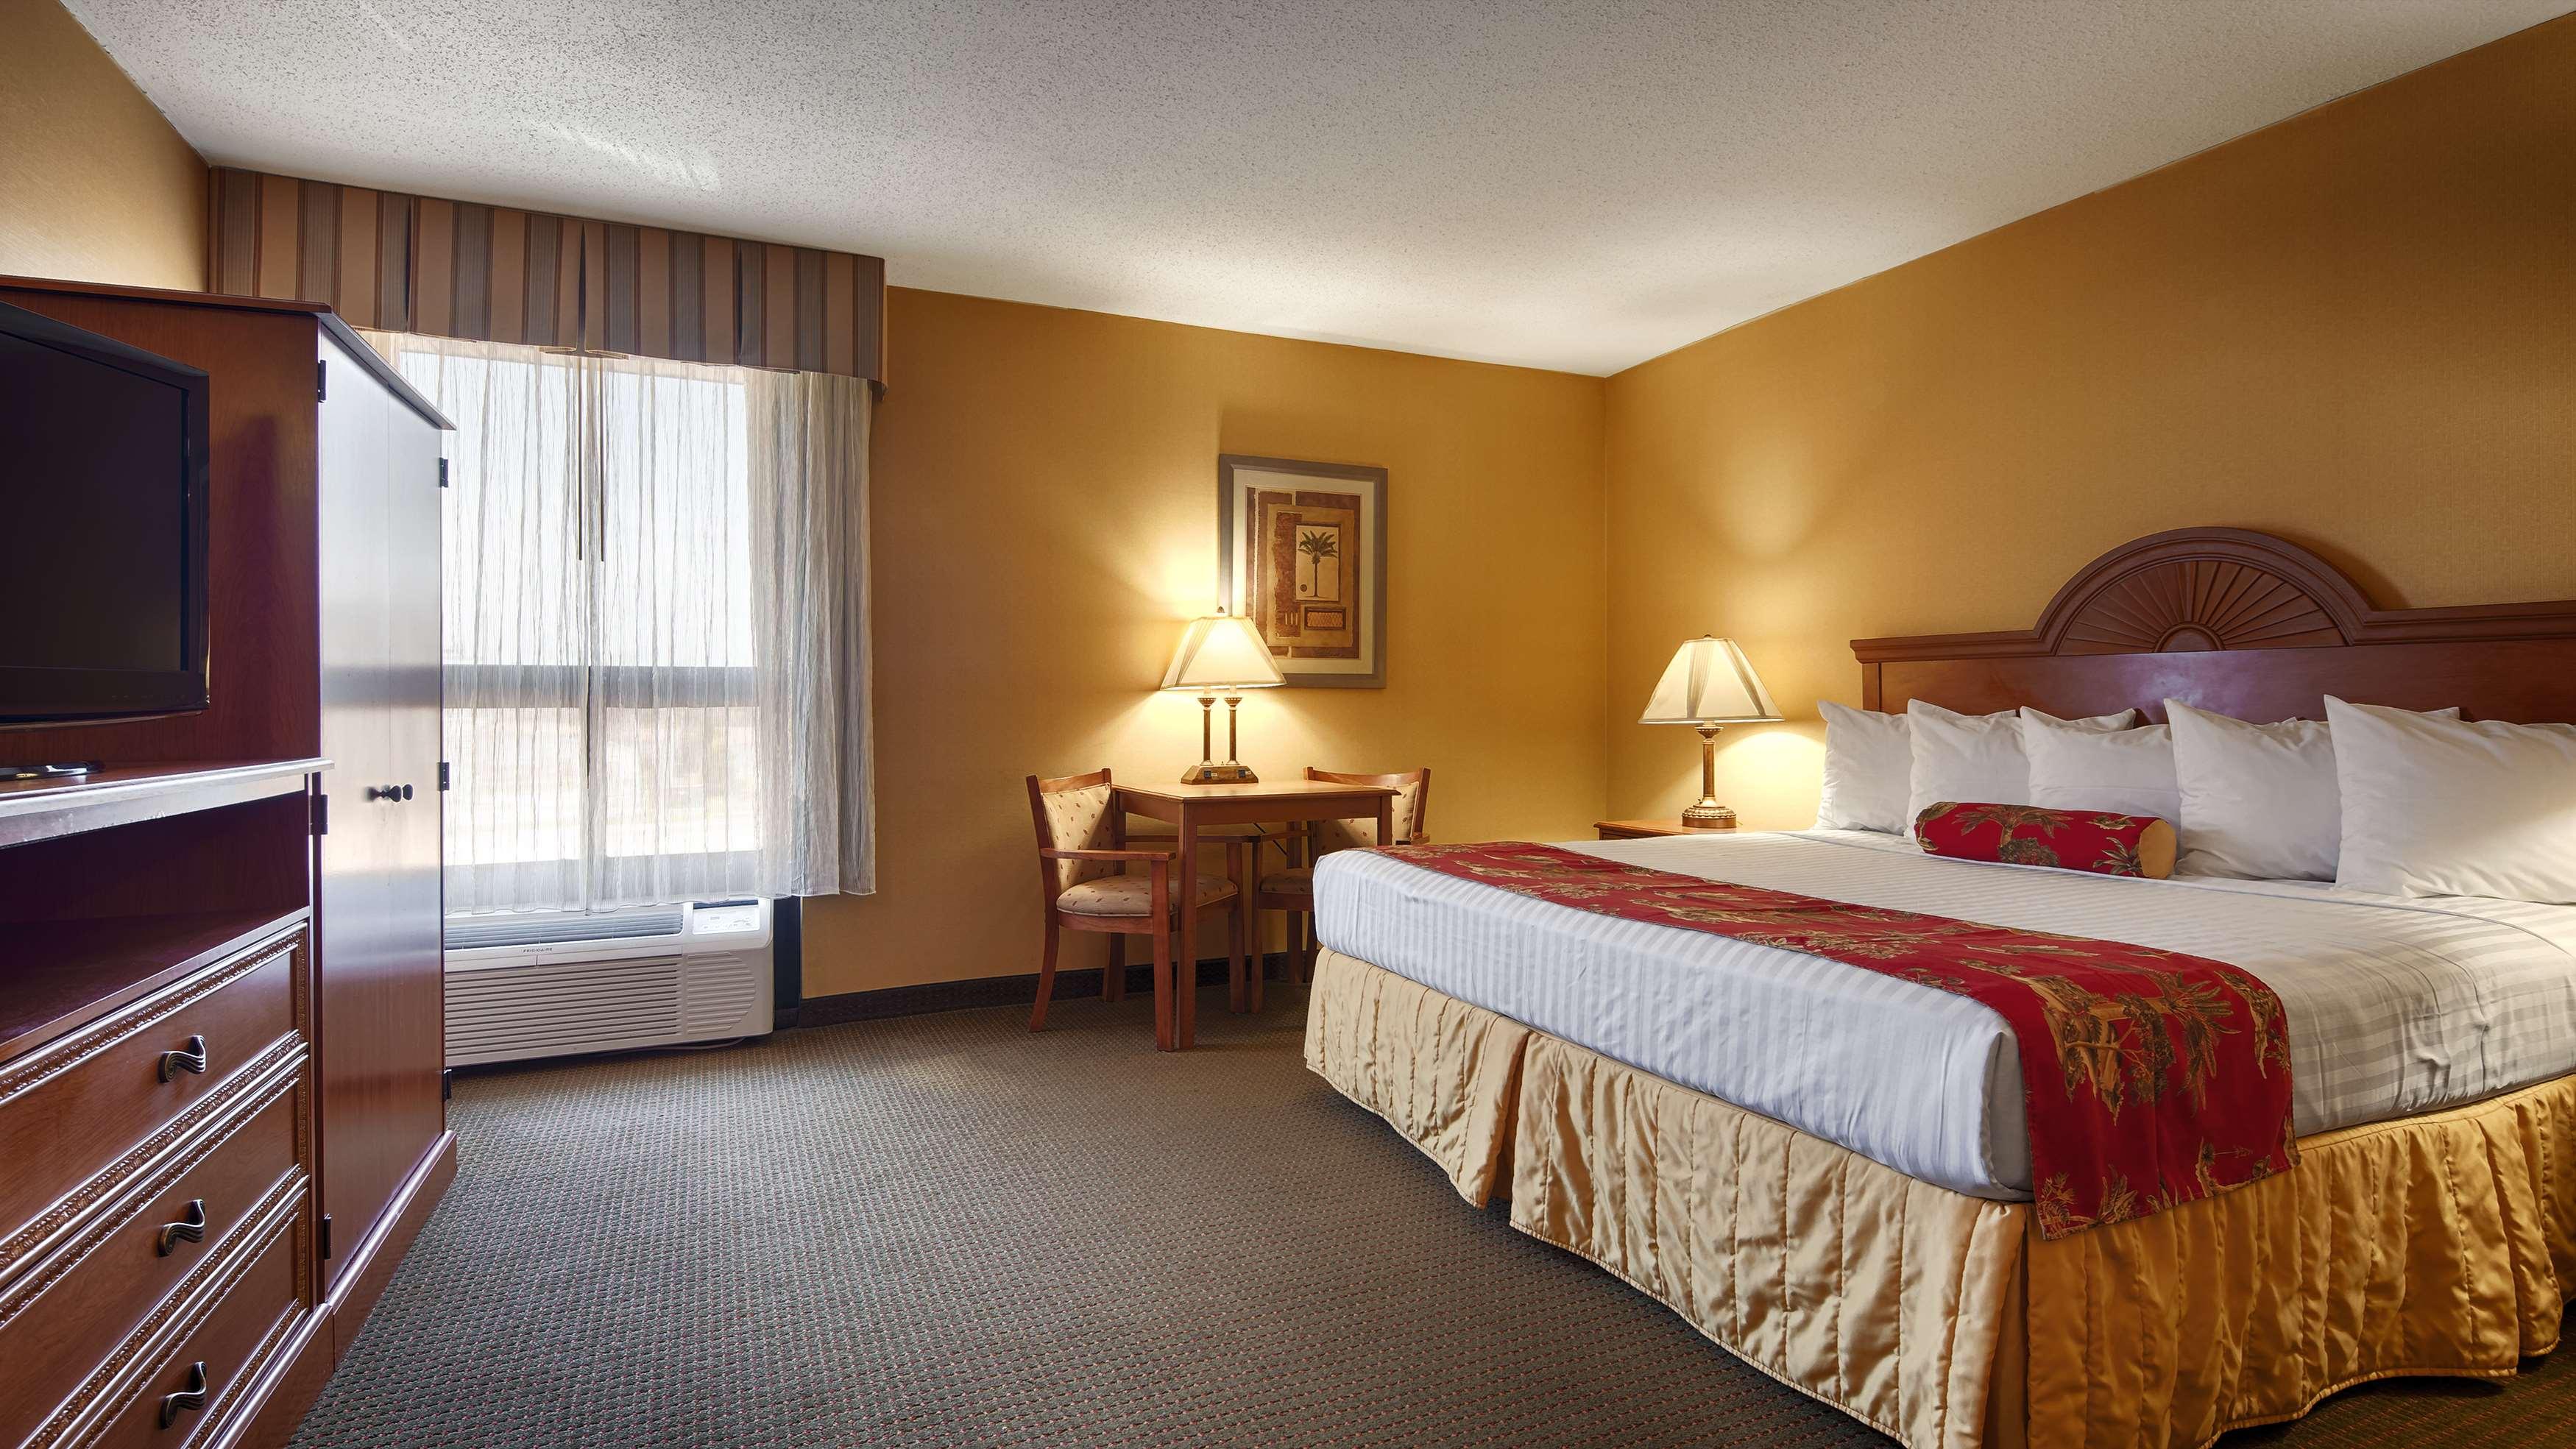 Best Western Galaxy Inn image 10